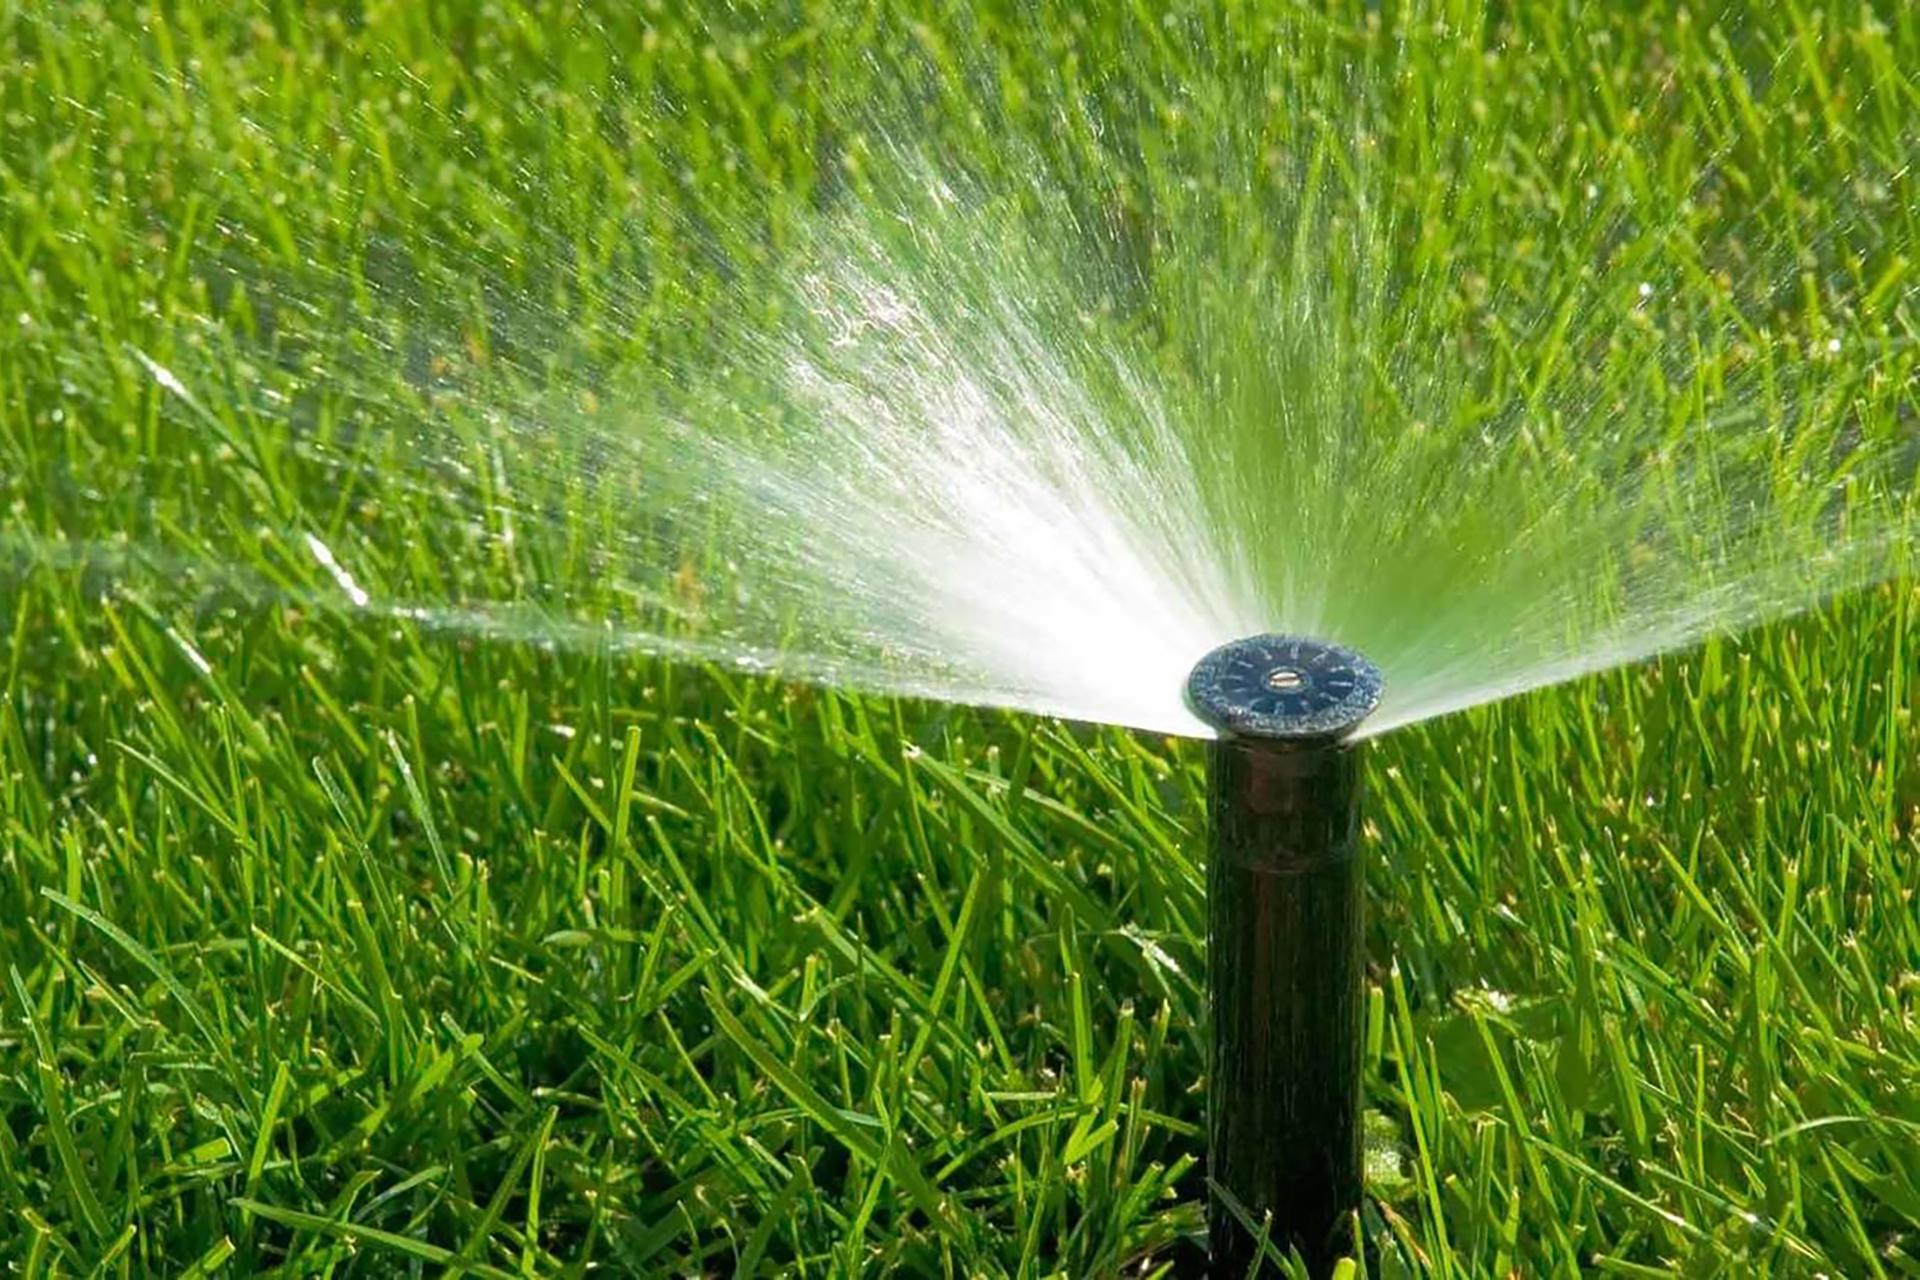 http://homesweethomelandscaping.com/sites/default/files/revslider/image/irrigation-system-new.jpg